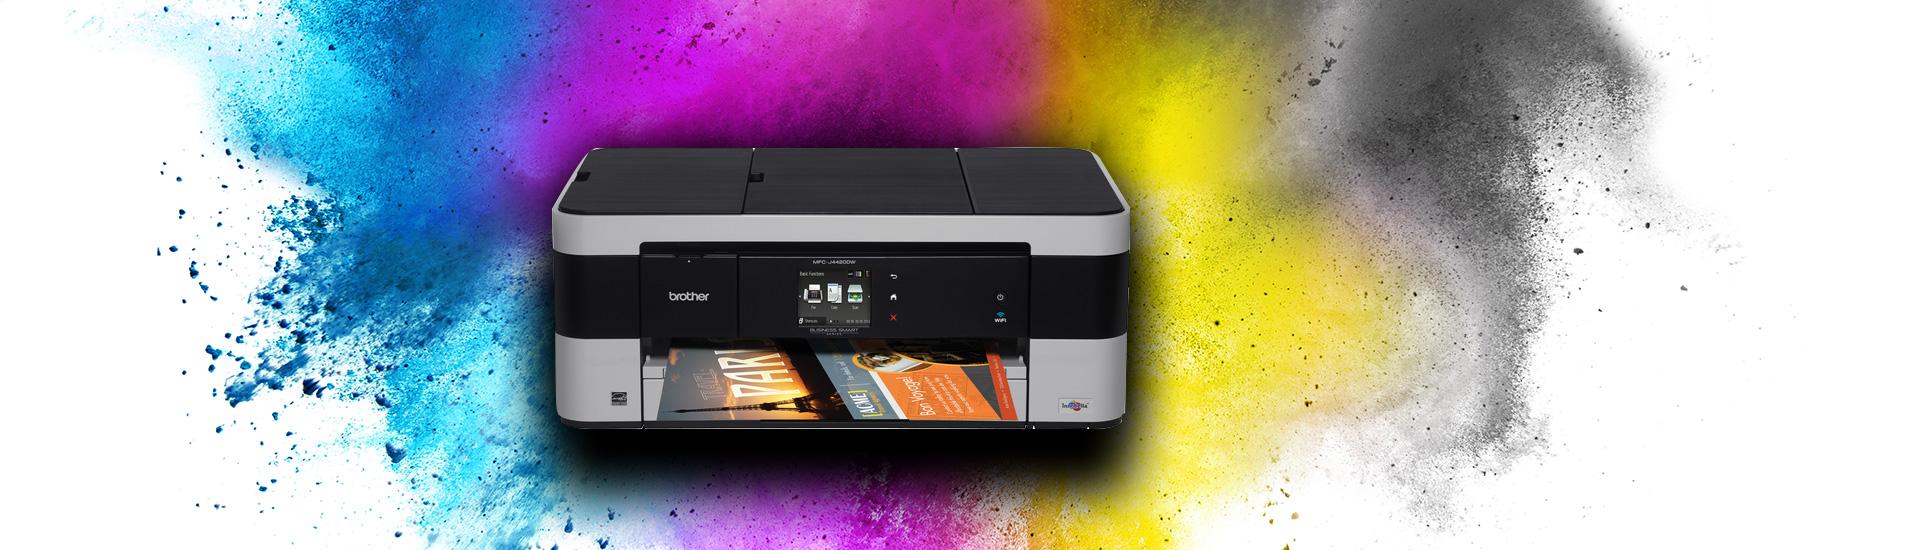 €149 για έναν εκτυπωτή Duplex Wifi Brother